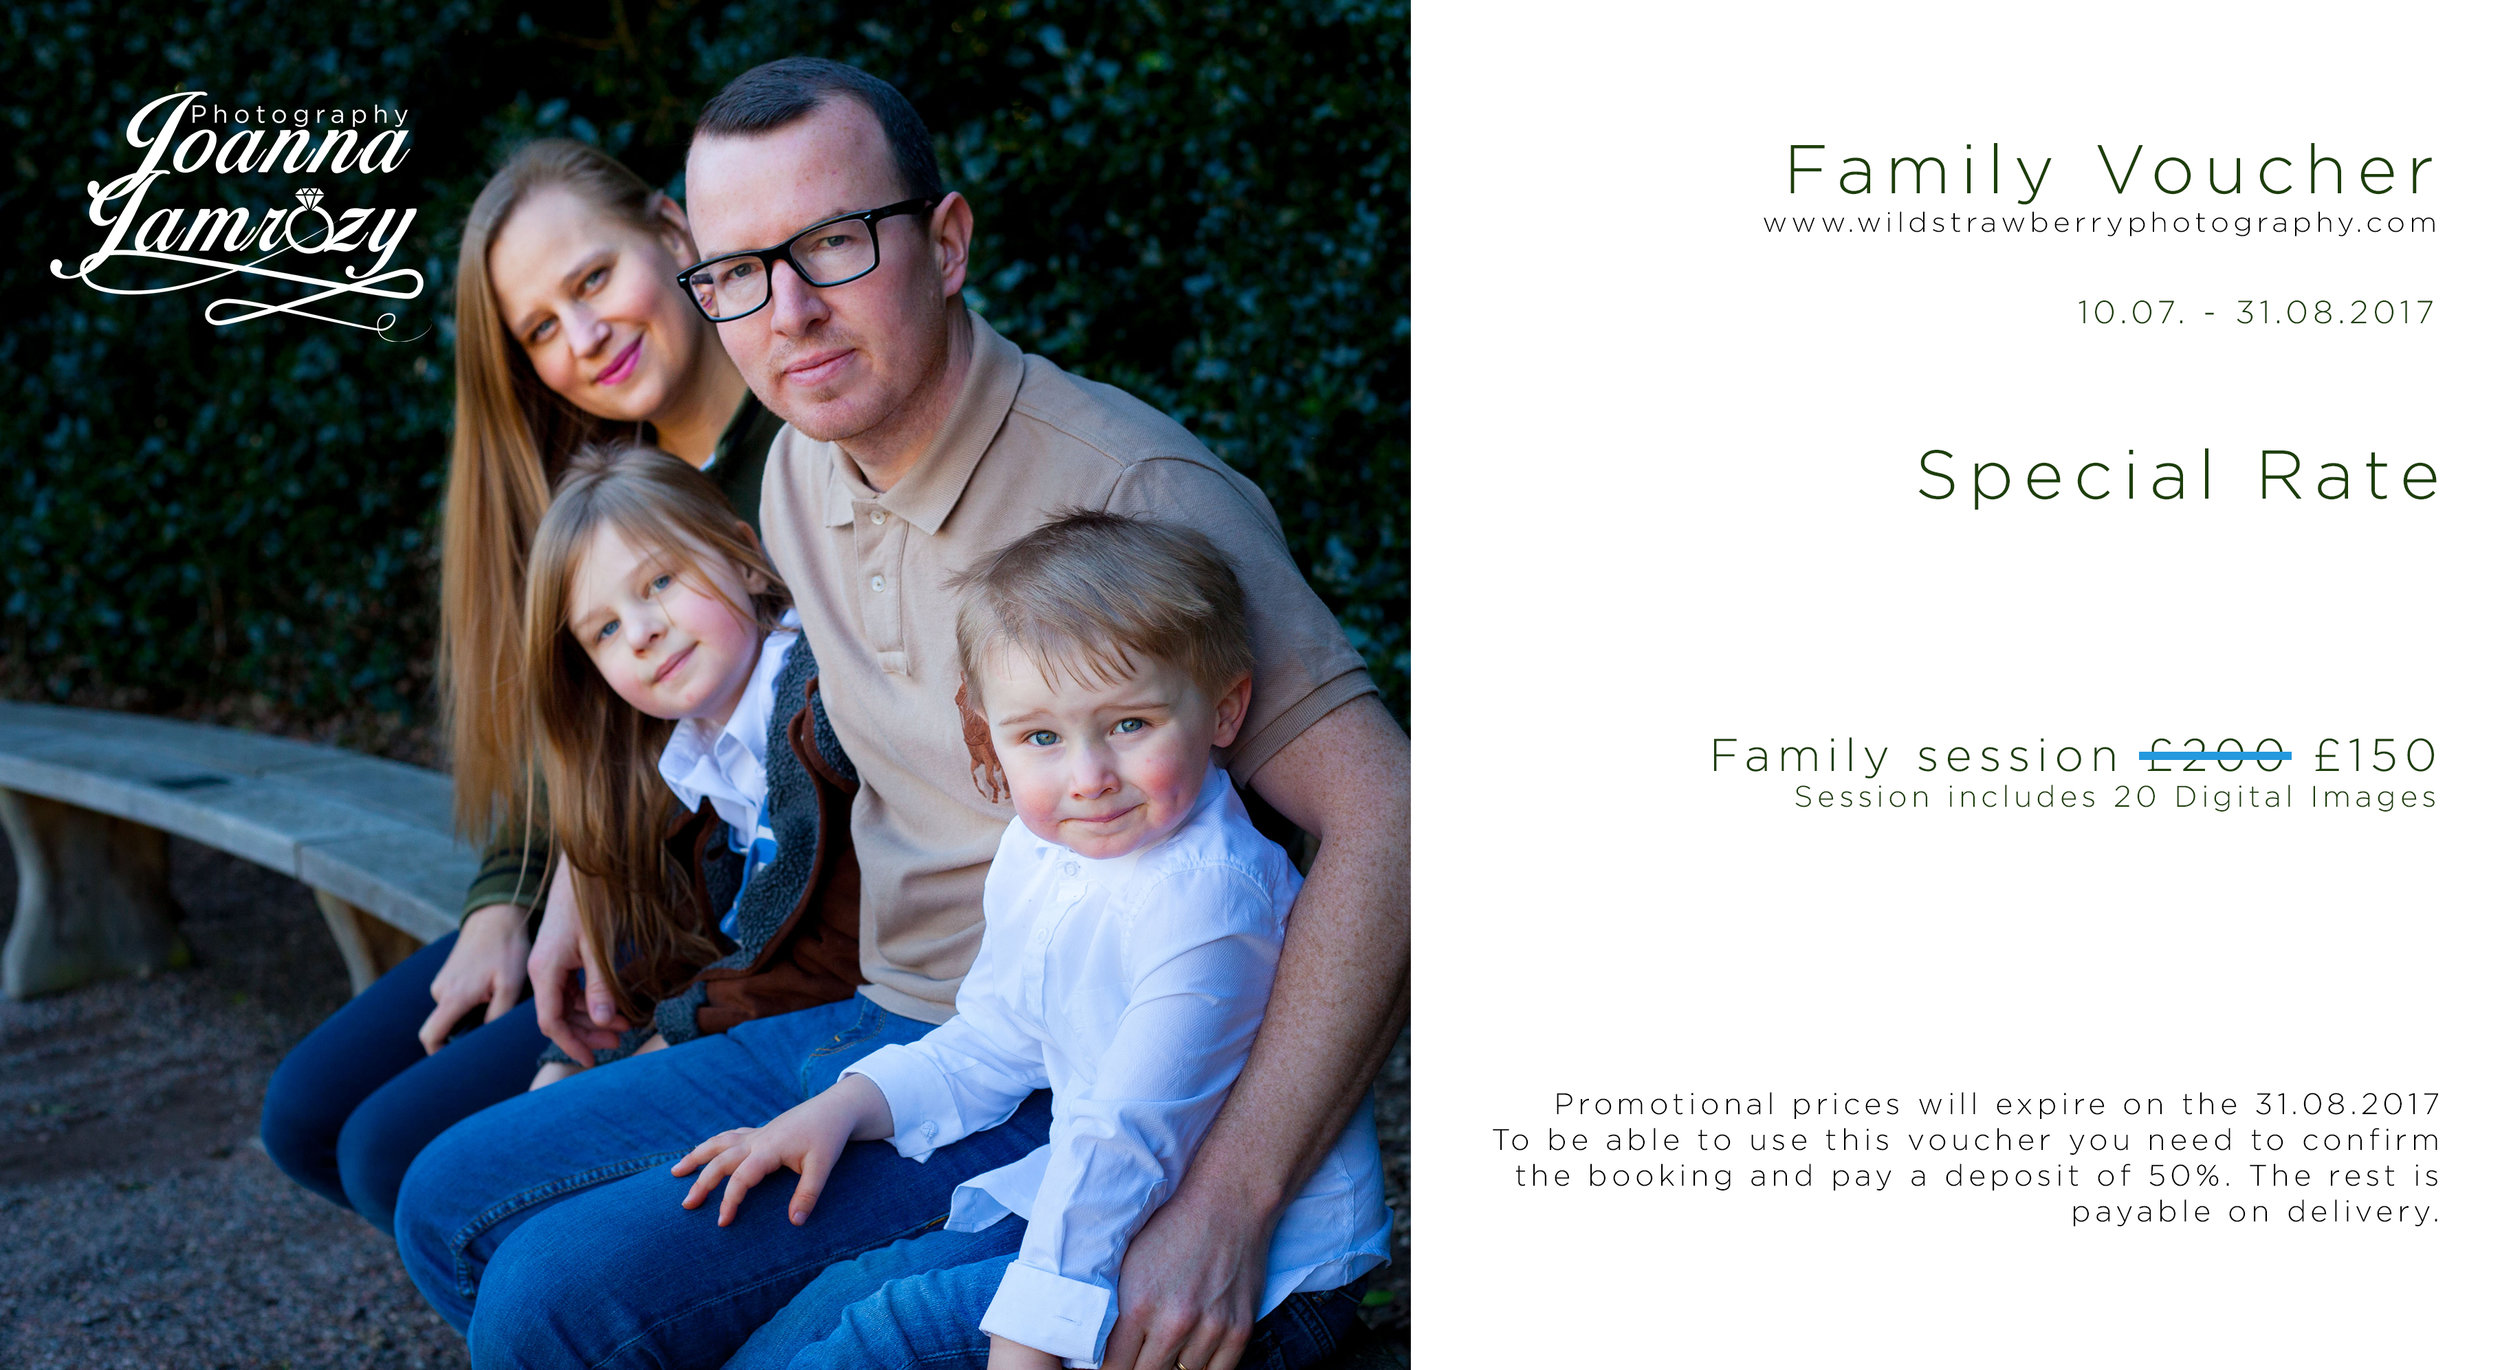 Family voucher